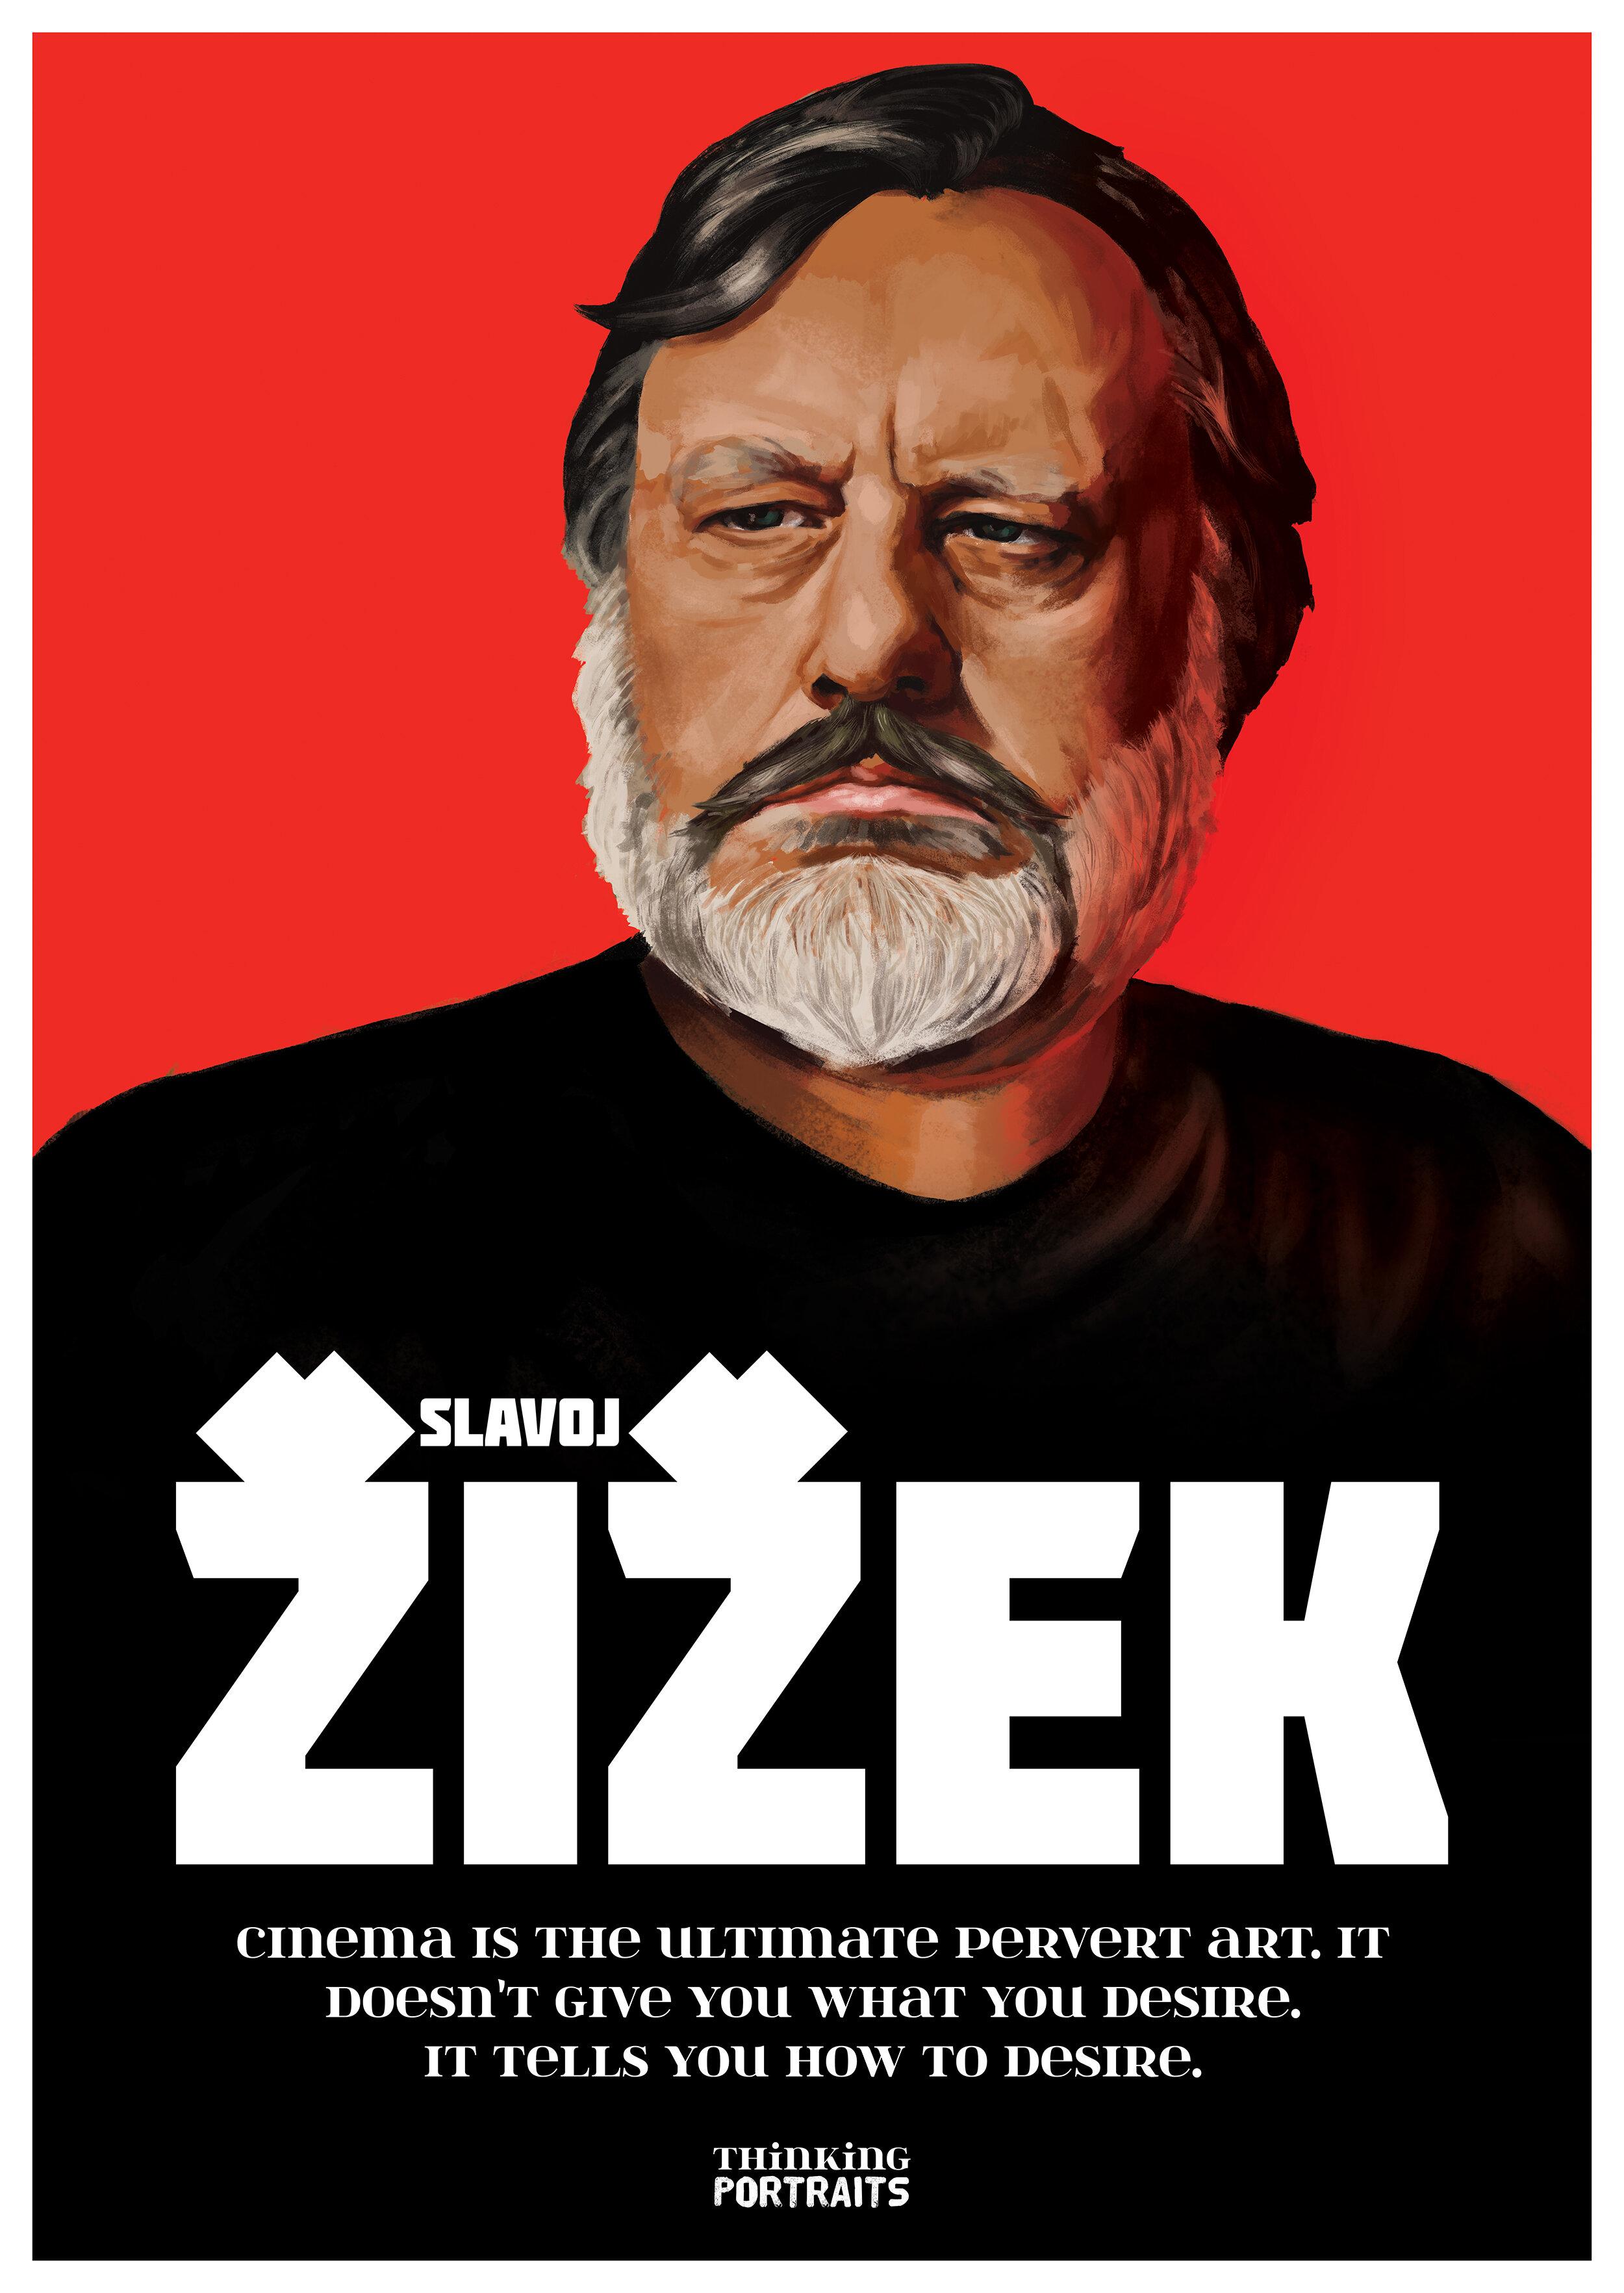 Zizek_Poster_Klein.jpg